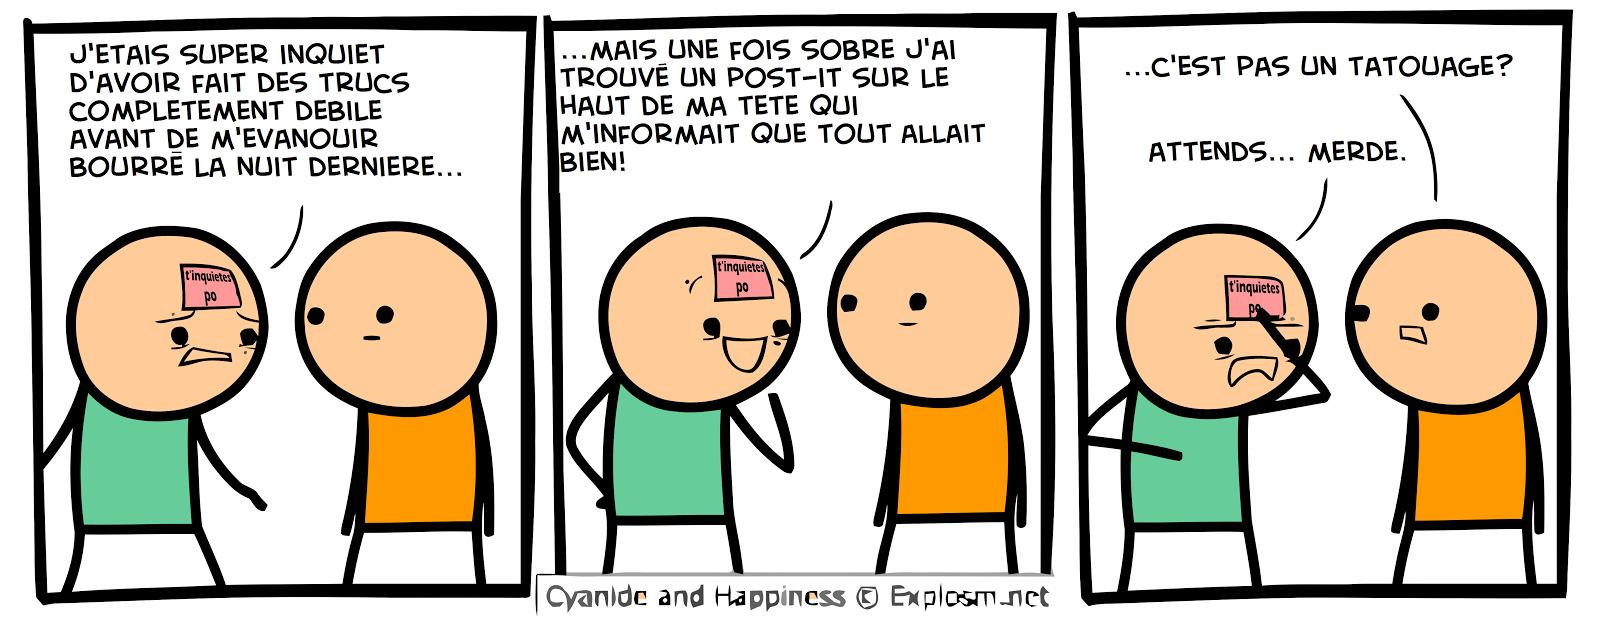 Cyanure et Bonheur #7 - meme